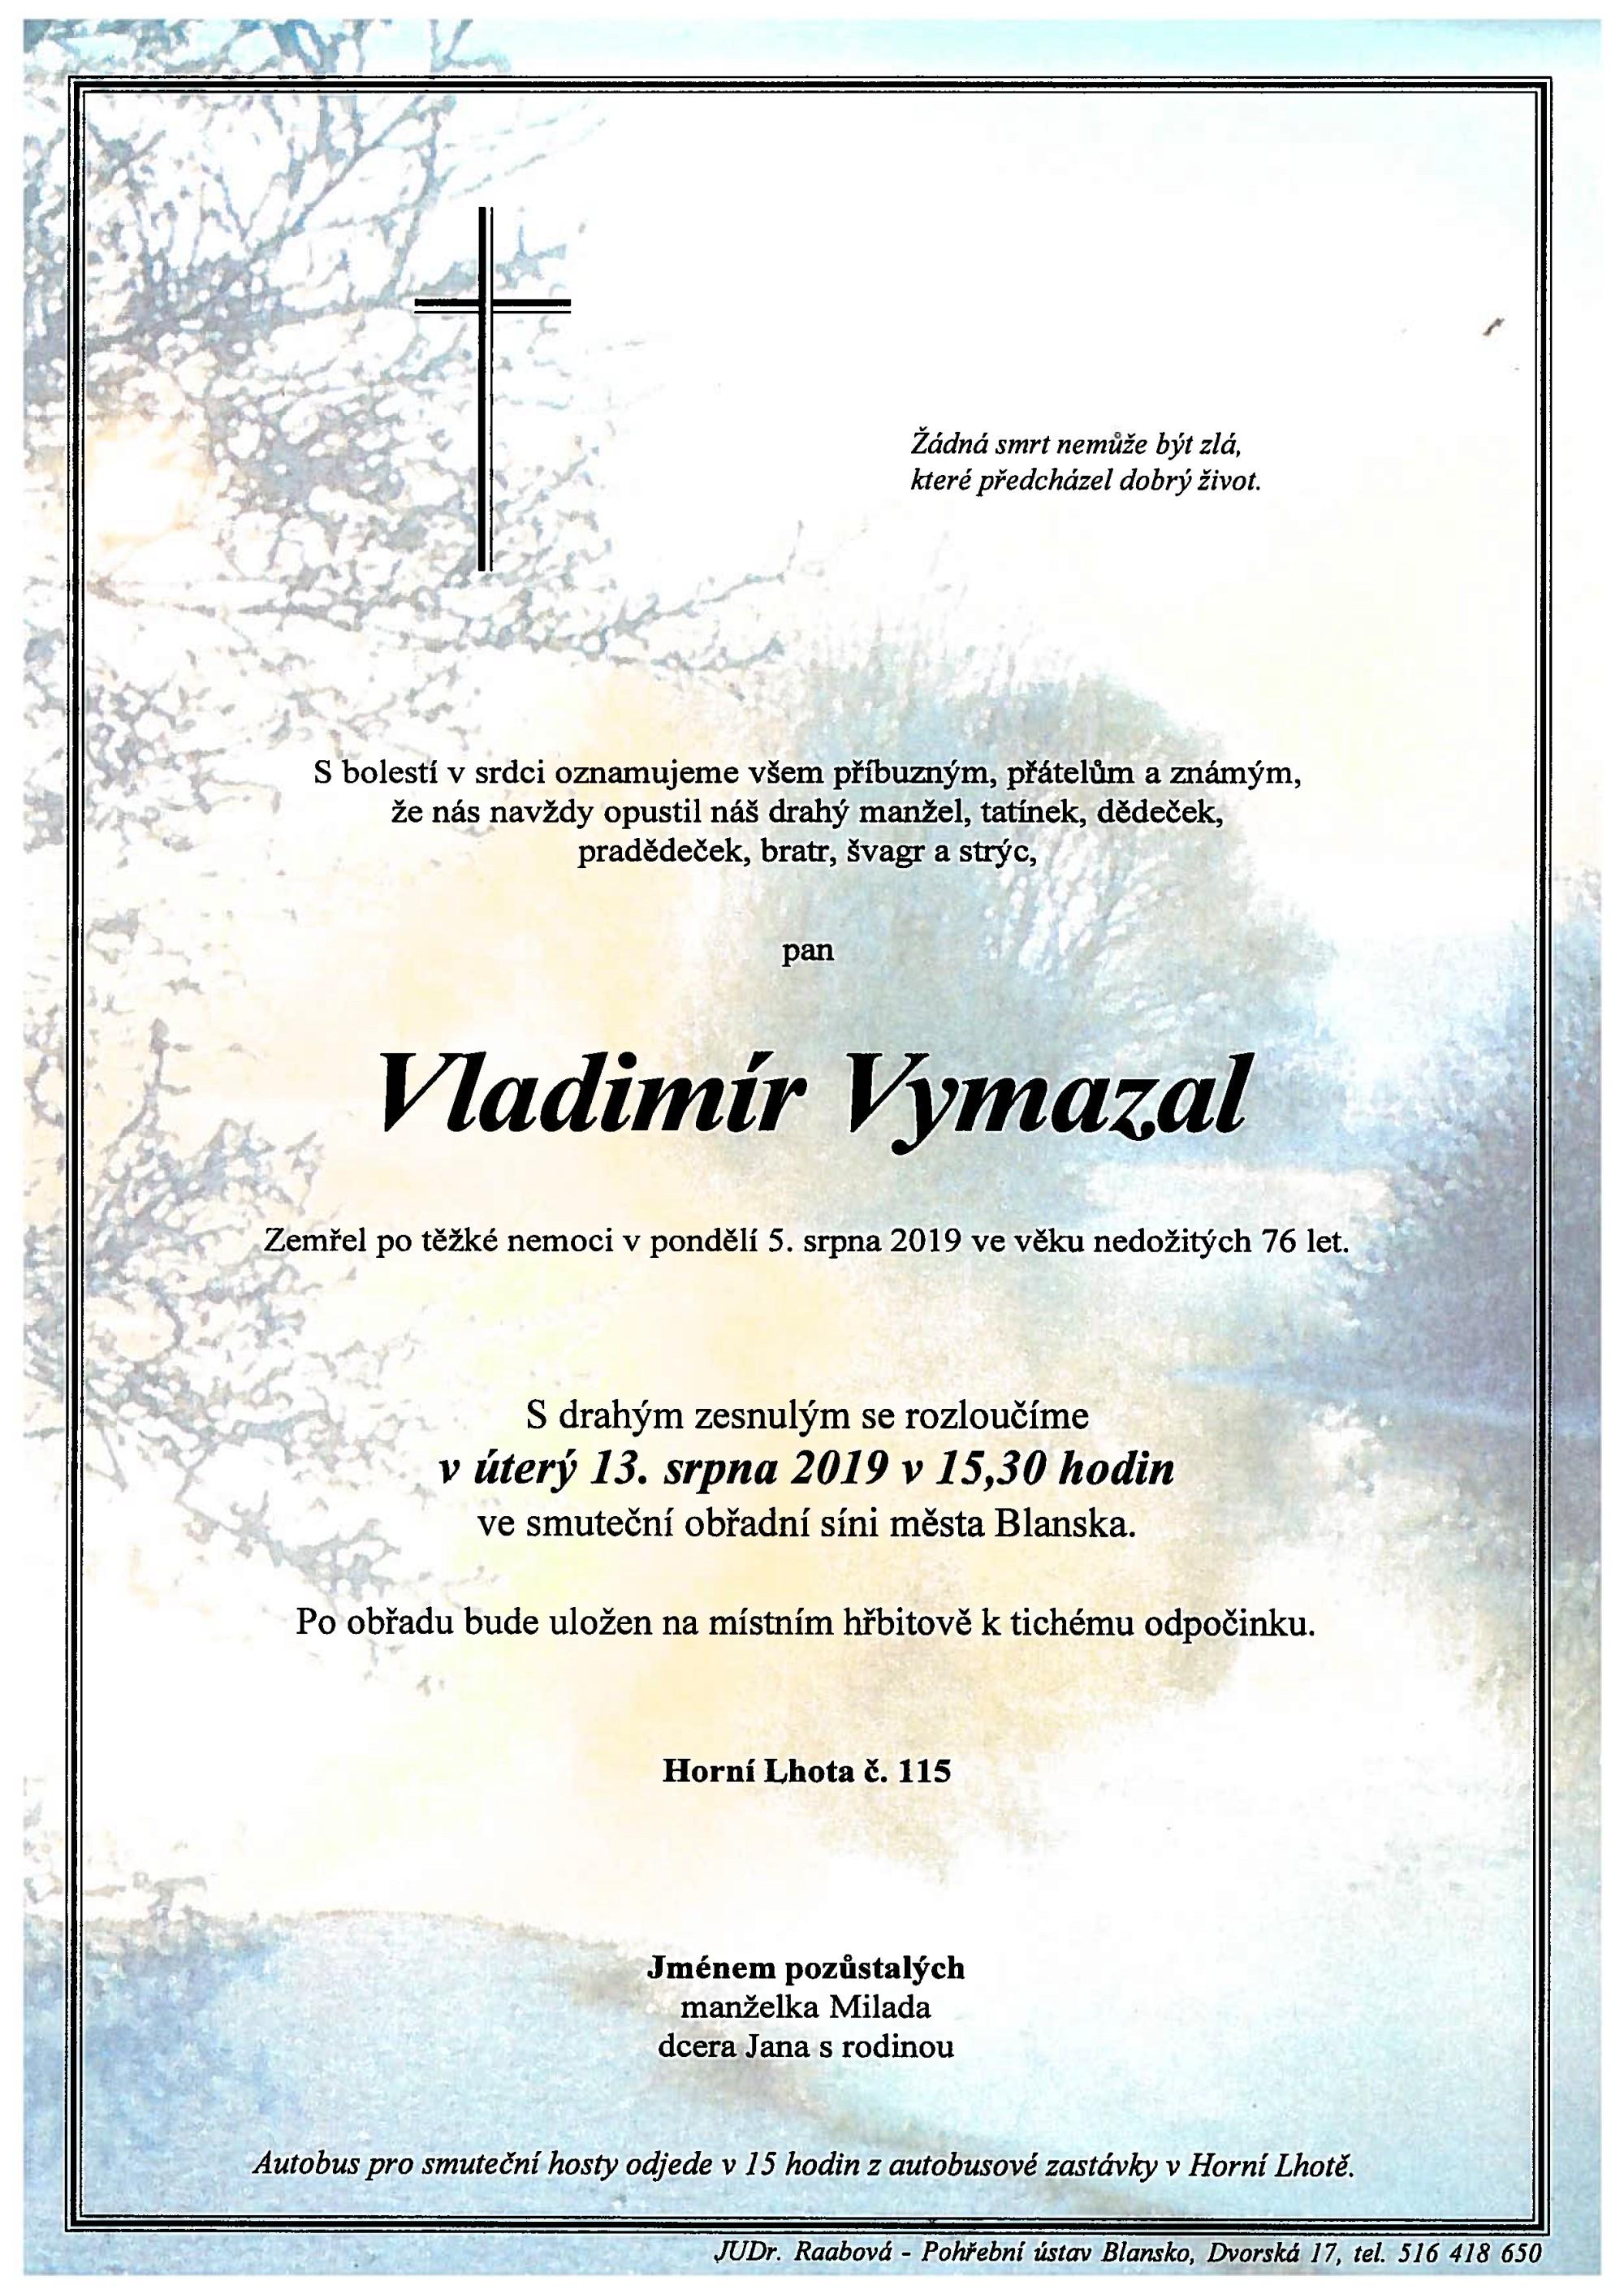 Vladimír Vymazal